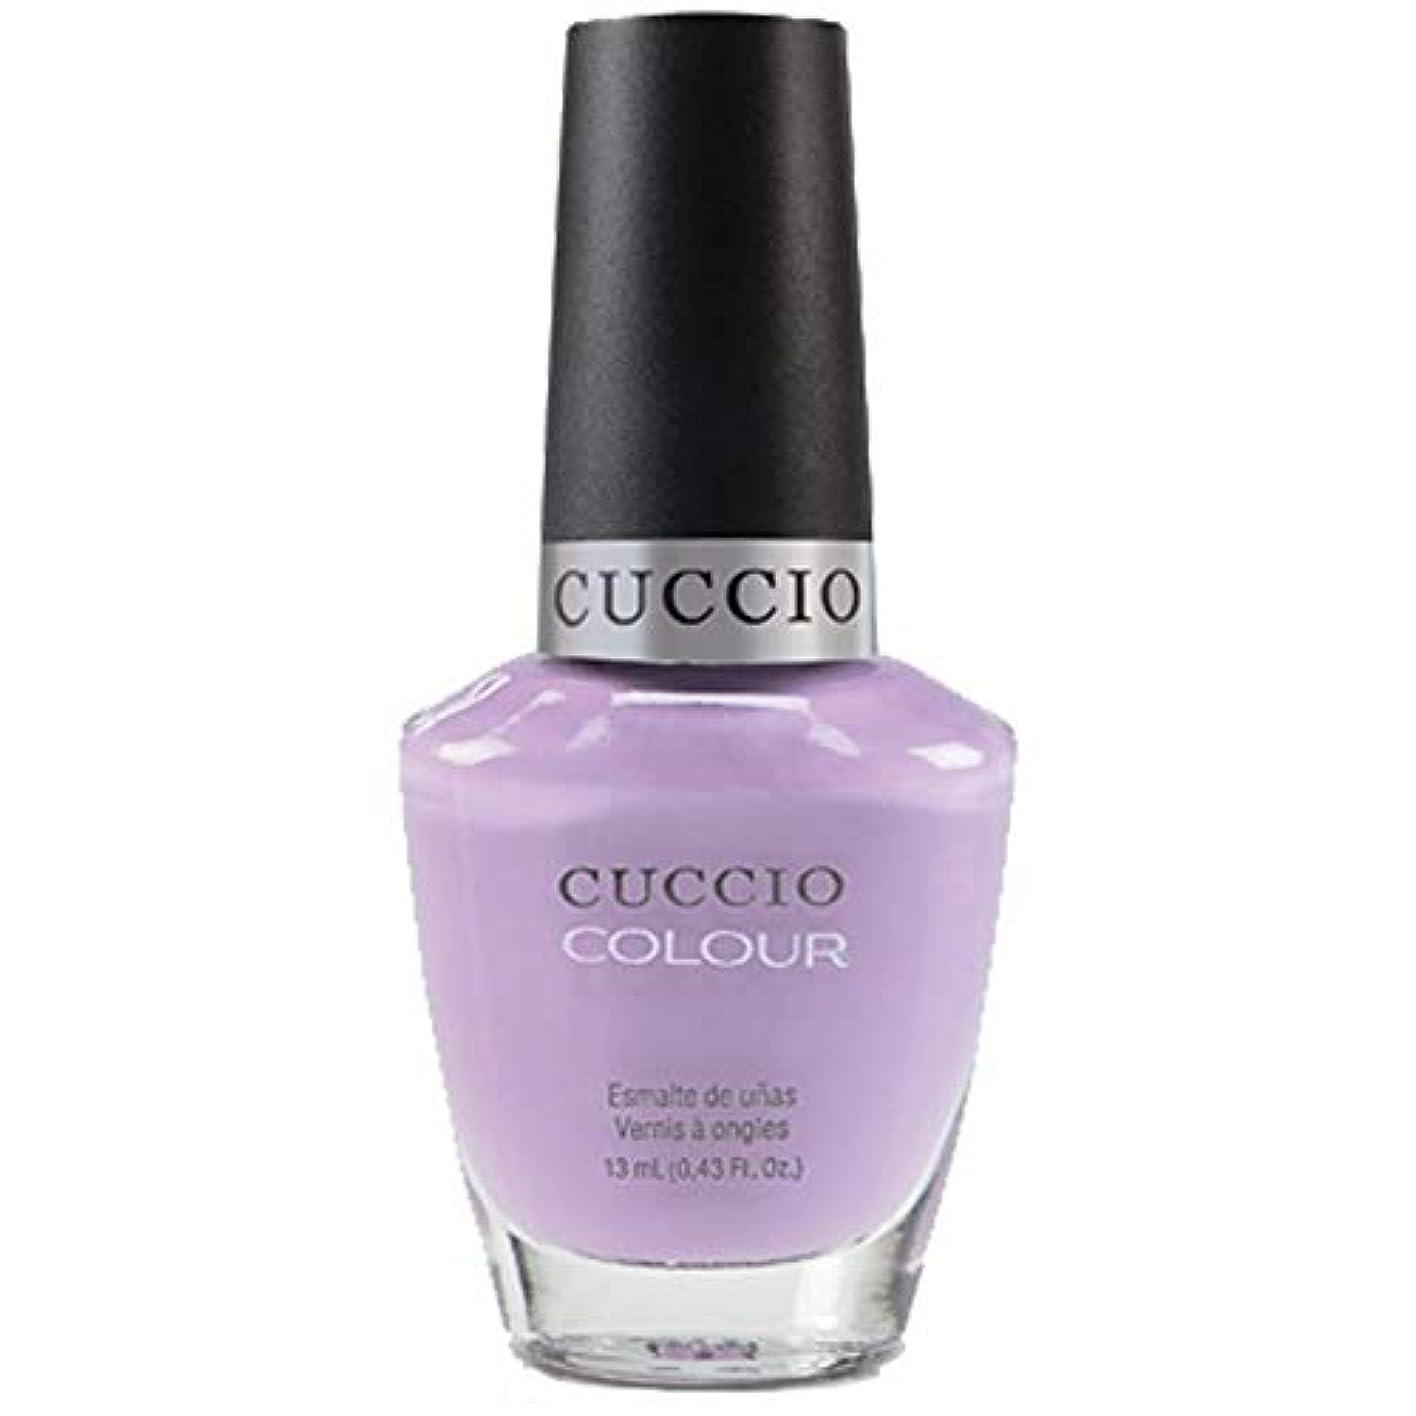 Cuccio Colour Gloss Lacquer - Peace, Love & Purple - 0.43oz / 13ml